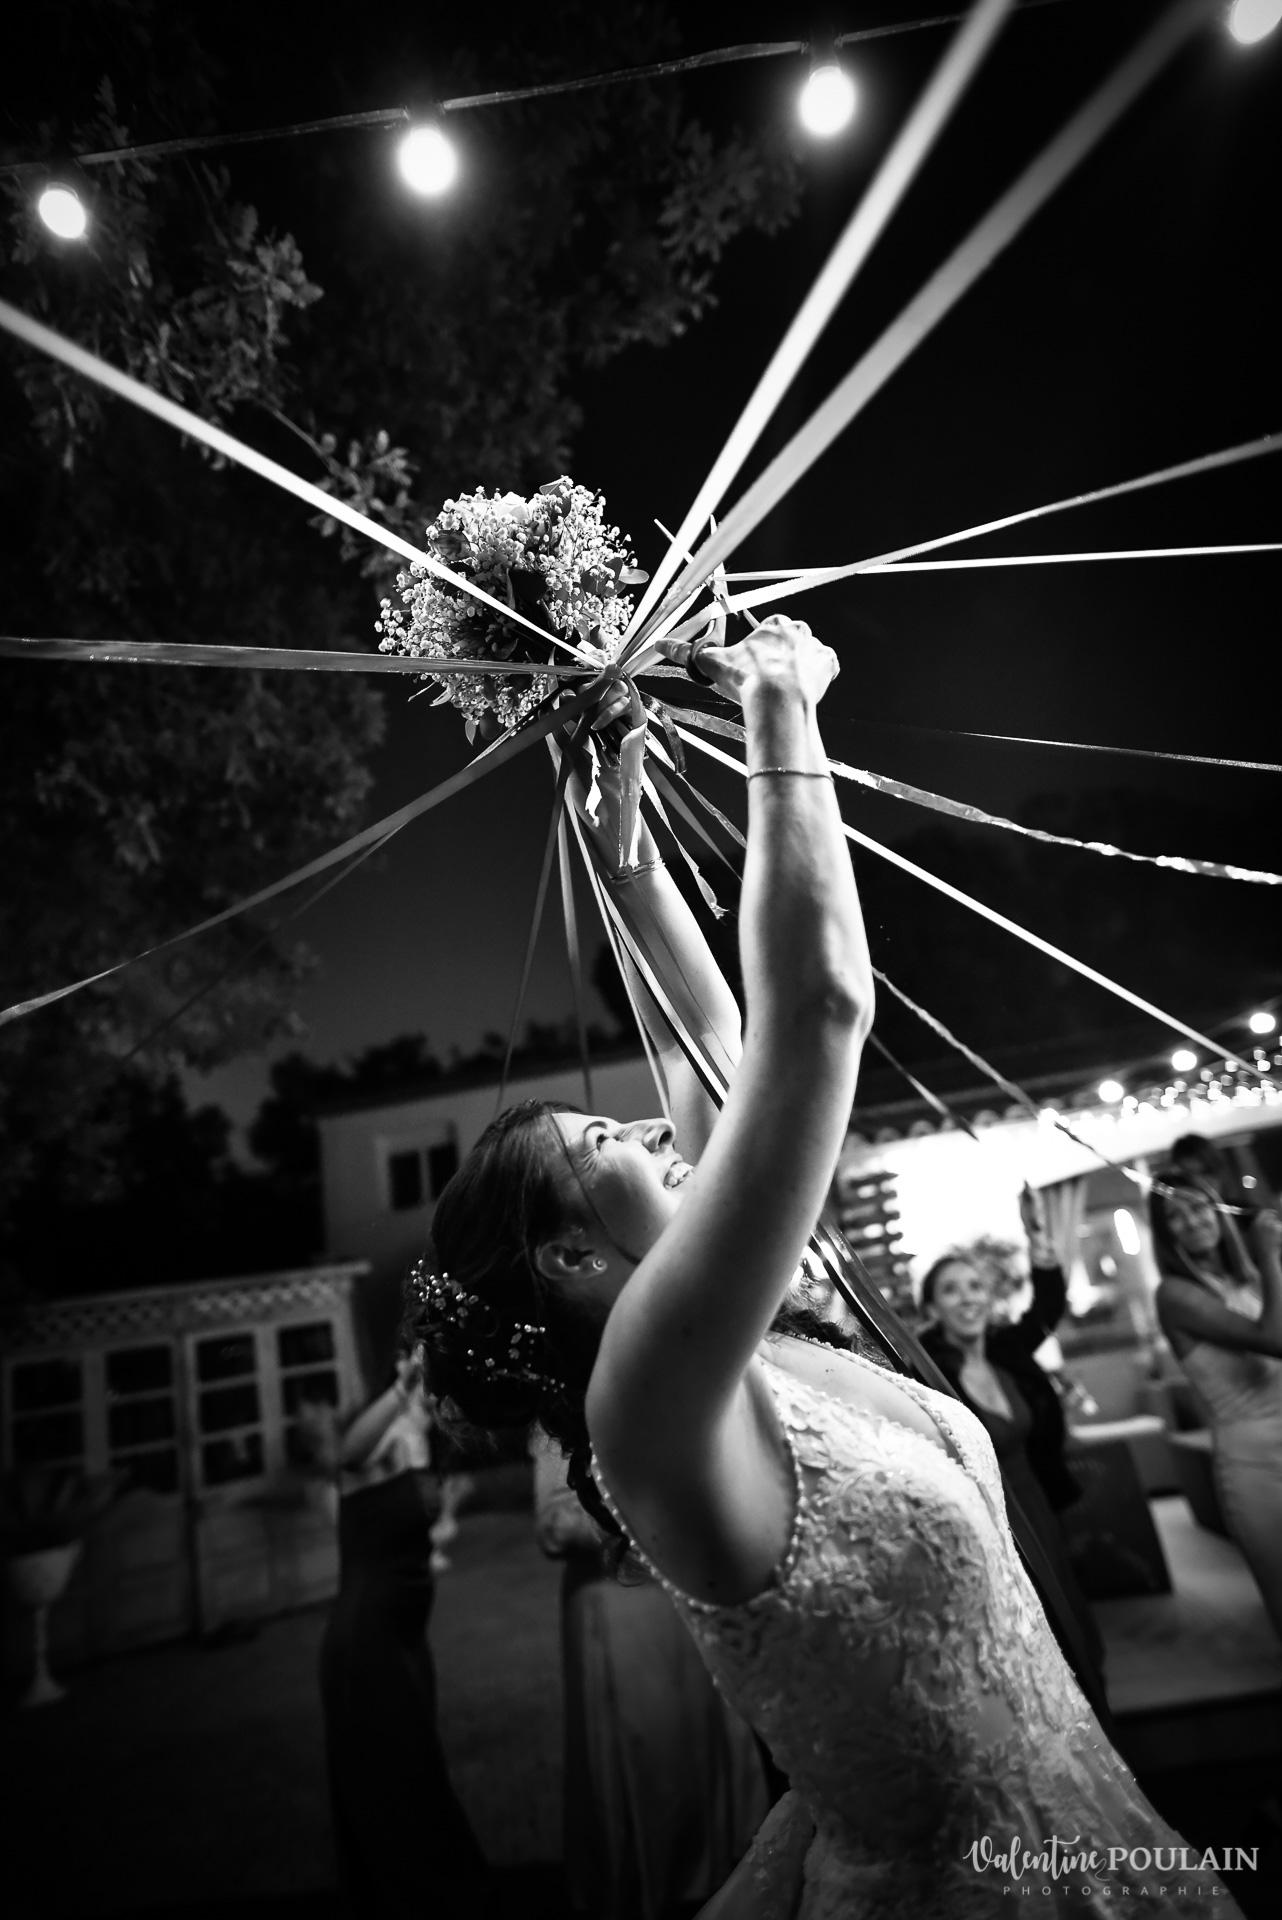 Automne sud se marier hors saison - Valentine Poulain bouquet